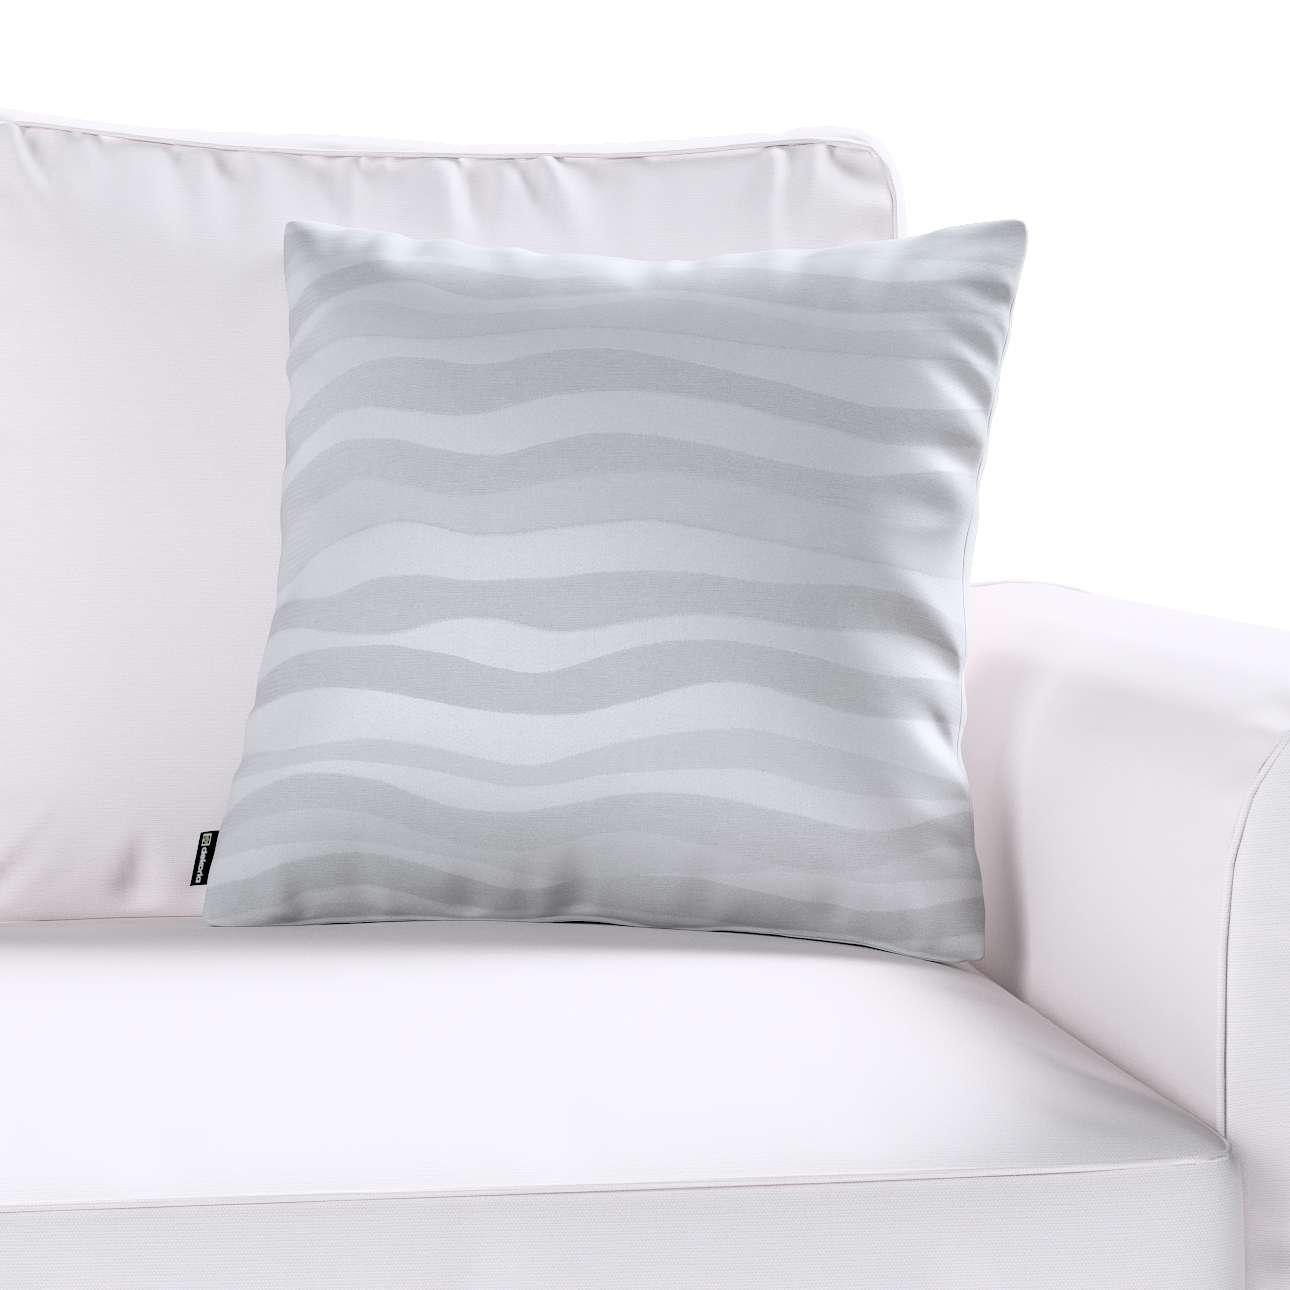 Poszewka Kinga na poduszkę w kolekcji Damasco, tkanina: 141-72